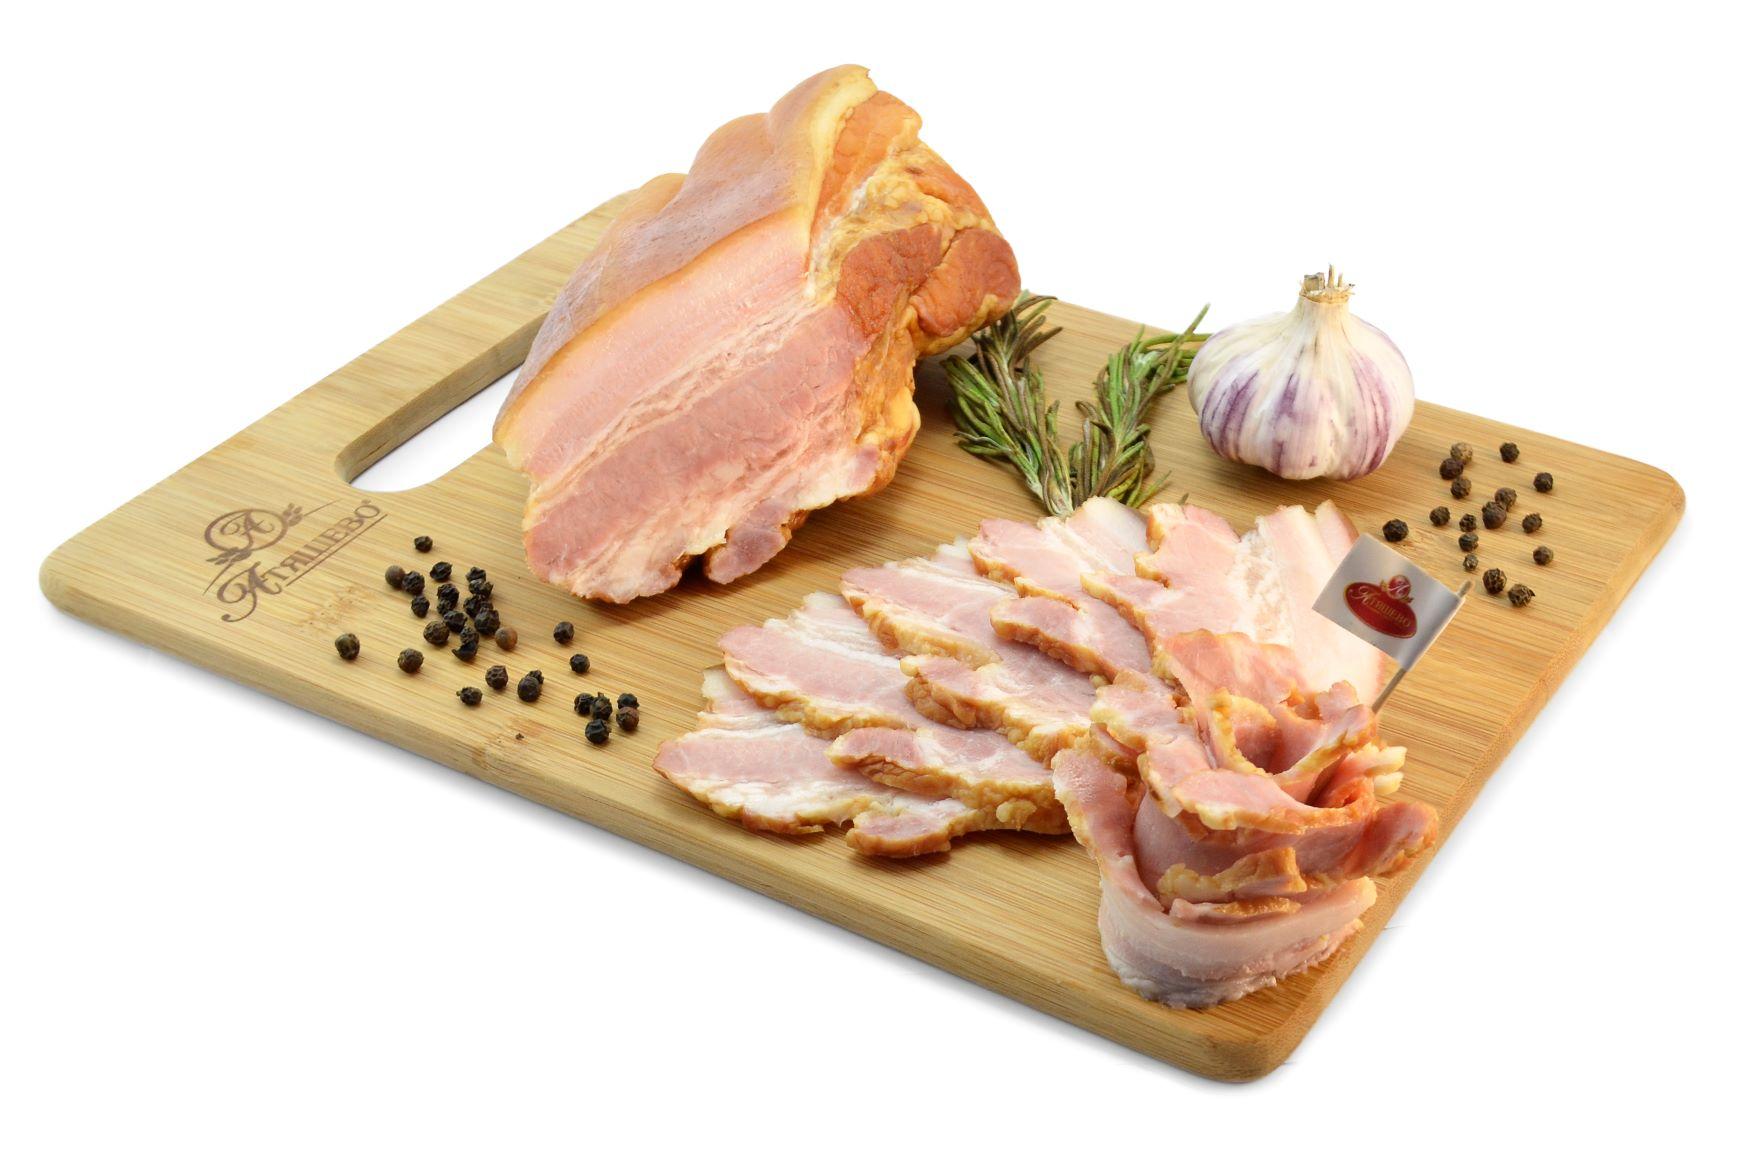 produce-atyashevo-delicatessen-2